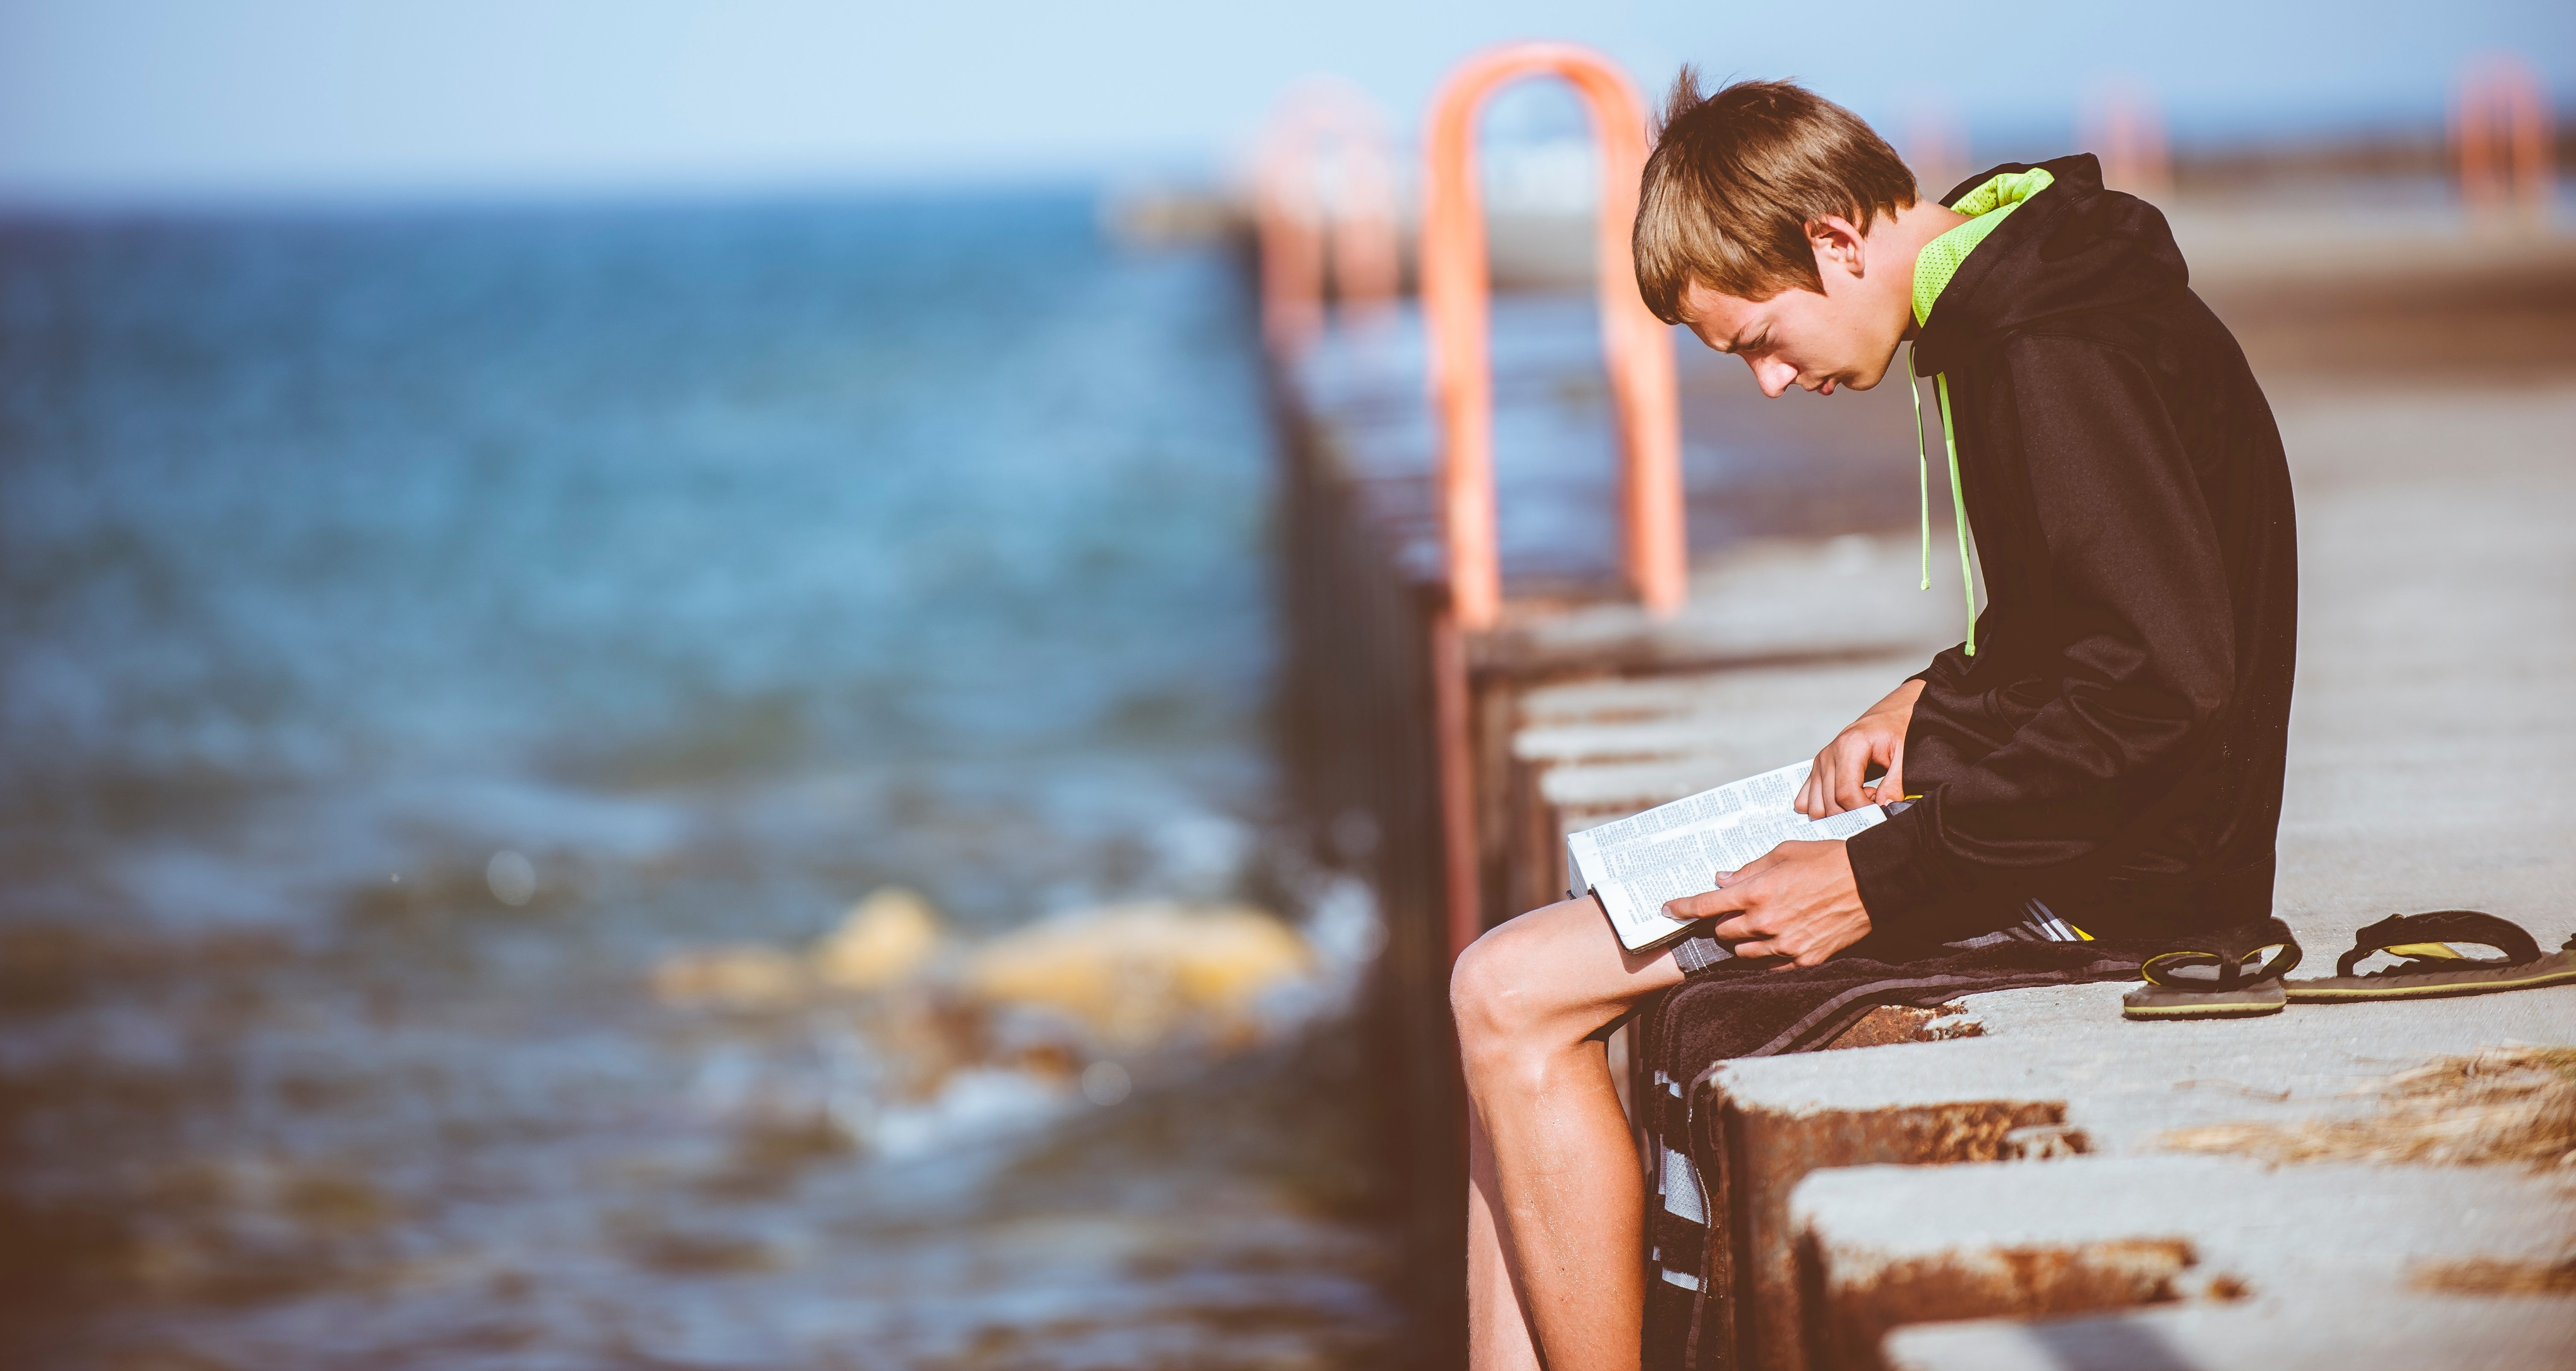 Adolescent Boys' Religious Literacy Practices